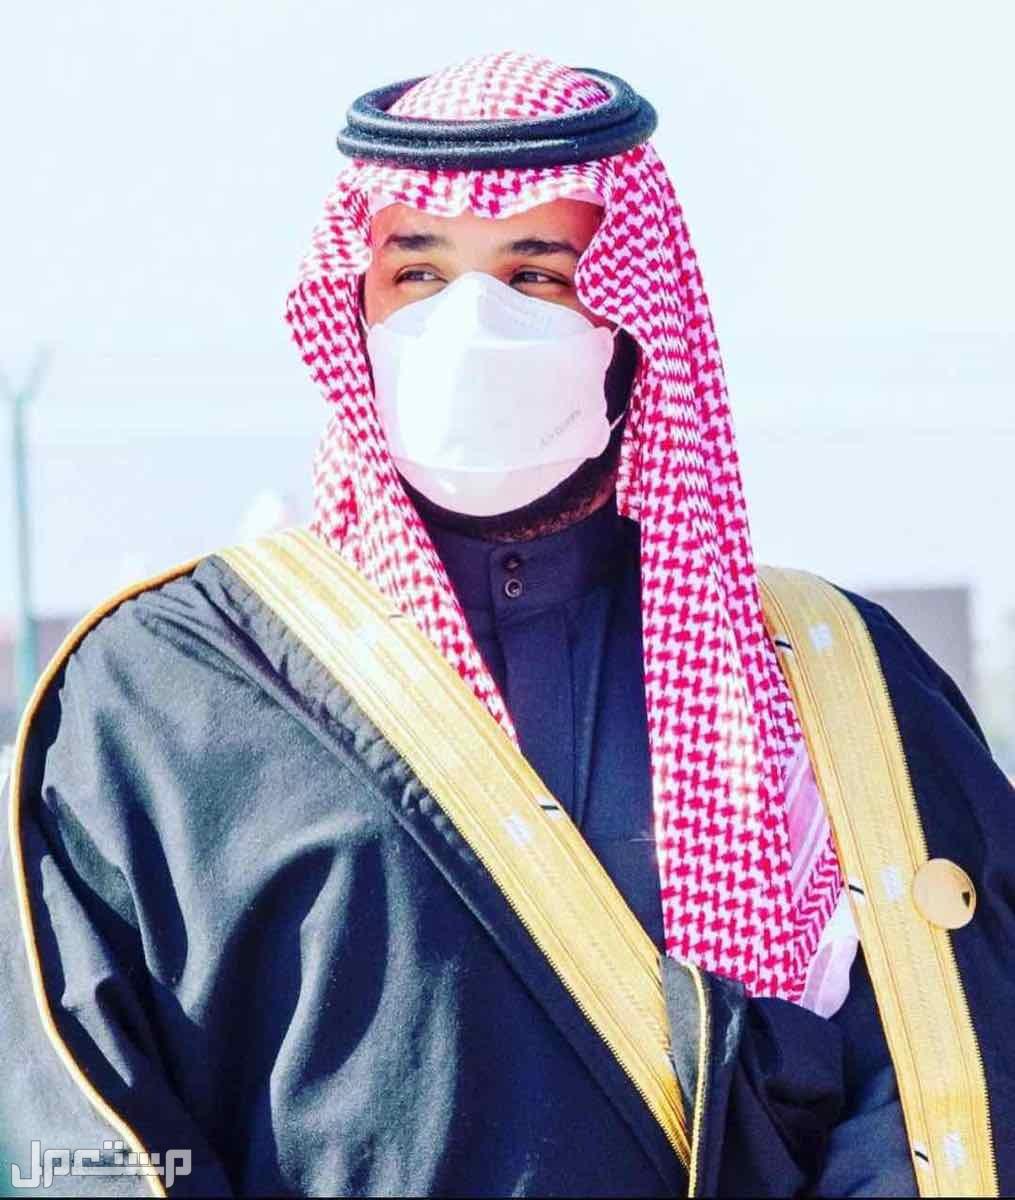 كمامة سمو الأمير محمد بن سلمان اير كوين